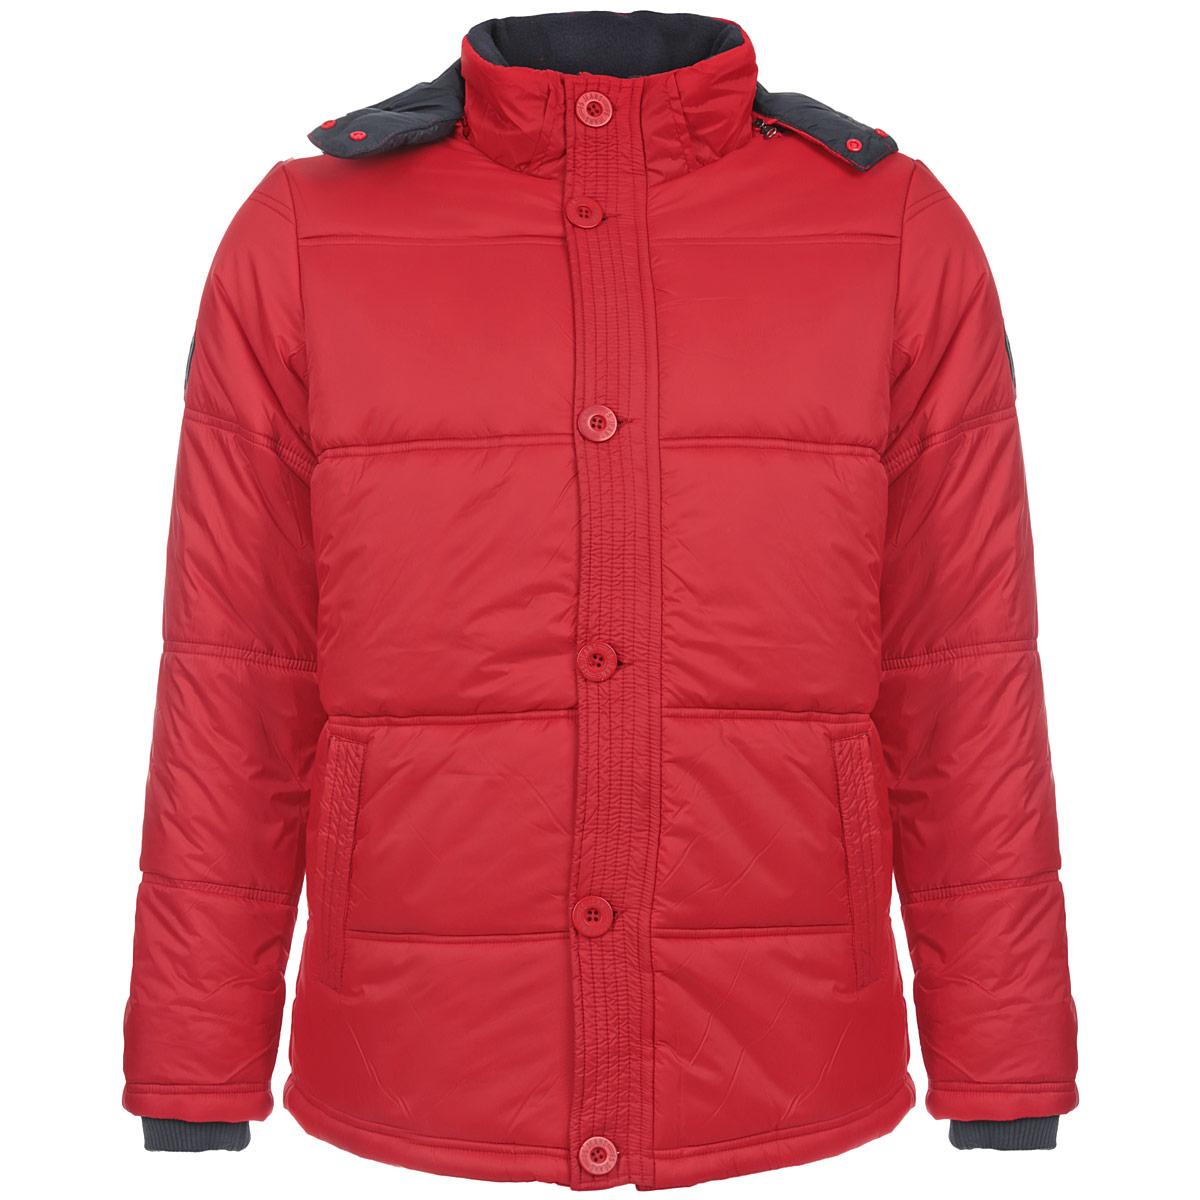 Куртка06839Стильная мужская куртка F5 - отличное решение для прохладной погоды. Куртка выполнена из непромокаемого полиэстера с утеплителем Silk Floss и дополнена отстегивающимся капюшоном на эластичной кулиске. Модель прямого кроя с воротником-стойкой застегивается на пластиковую молнию с защитой подбородка и имеет ветрозащитный клапан на пуговицах. Спереди куртка дополнена двумя втачными карманами на молниях. Внутренняя отделка карманов и воротника - мягкий флис. С внутренней стороны предусмотрен накладной карман на кнопке и вшитый карман на молнии. Рукава дополнены вшитыми трикотажными манжетами. На левом рукаве нашивка с логотипом бренда. По нижнему краю с изнаночной стороны расположена эластичная кулиска, защищающая от продувания. В такой куртке вам будет уютно, тепло и комфортно в любую погоду.